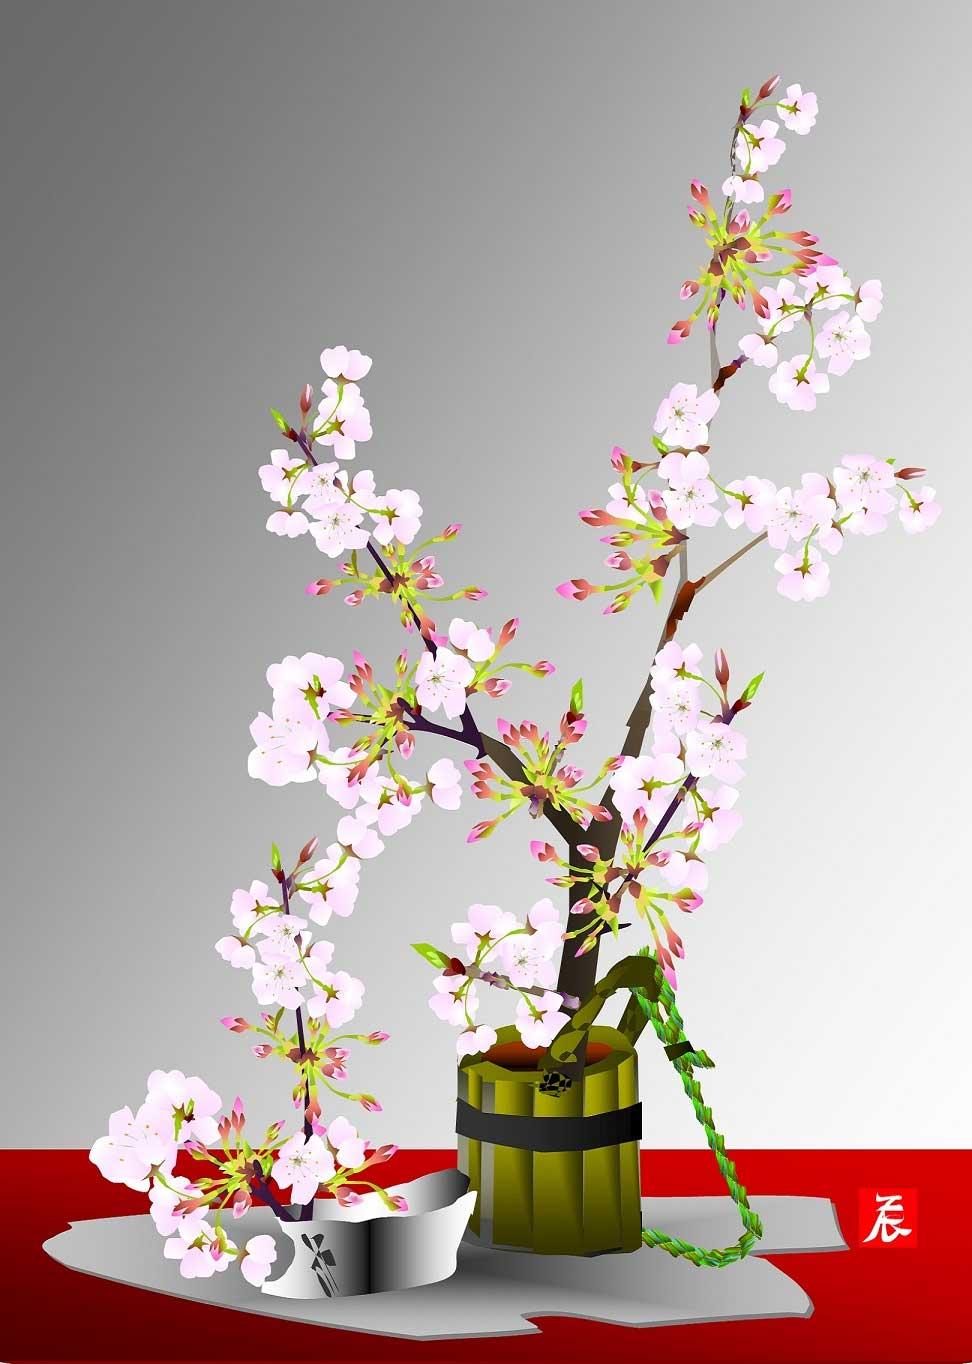 80-jähriger Tatsuo Horiuchi malt Bilder in Excel Tatsuo-Horiuchi-malen-in-excel_05